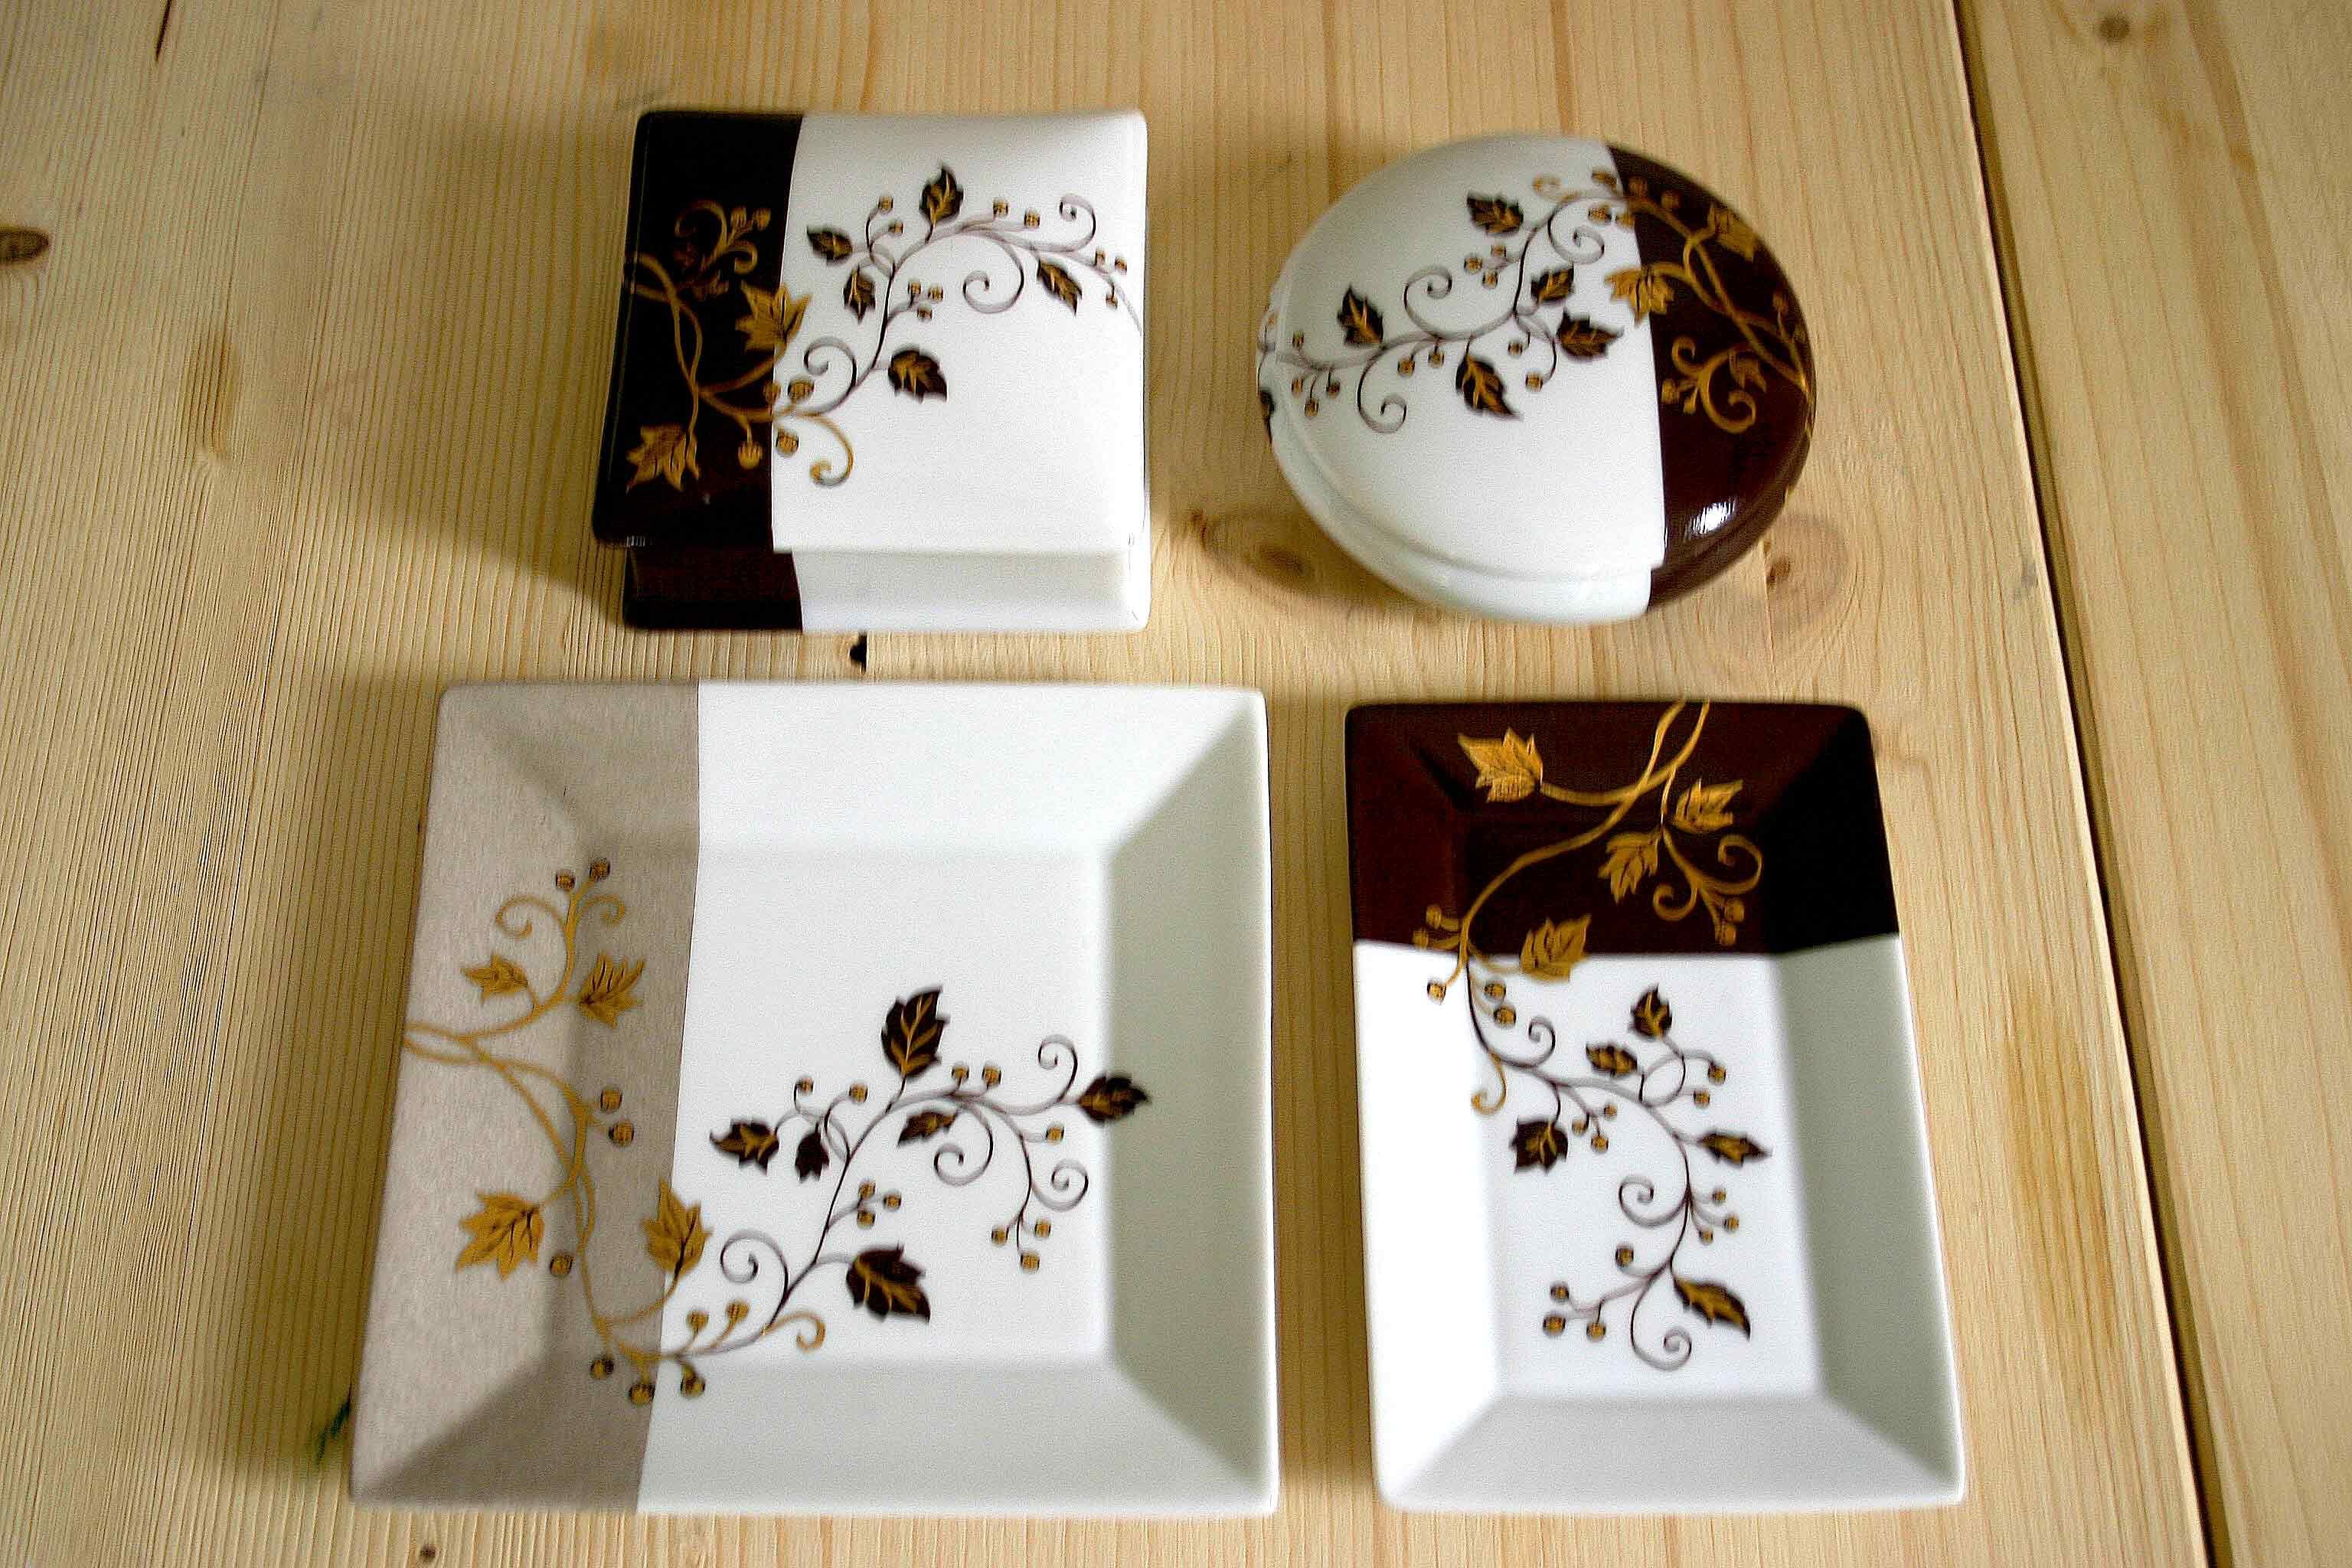 motif pr cieux est un mod le peindre sur porcelaine tr s tendance qui vous guide pas pas. Black Bedroom Furniture Sets. Home Design Ideas